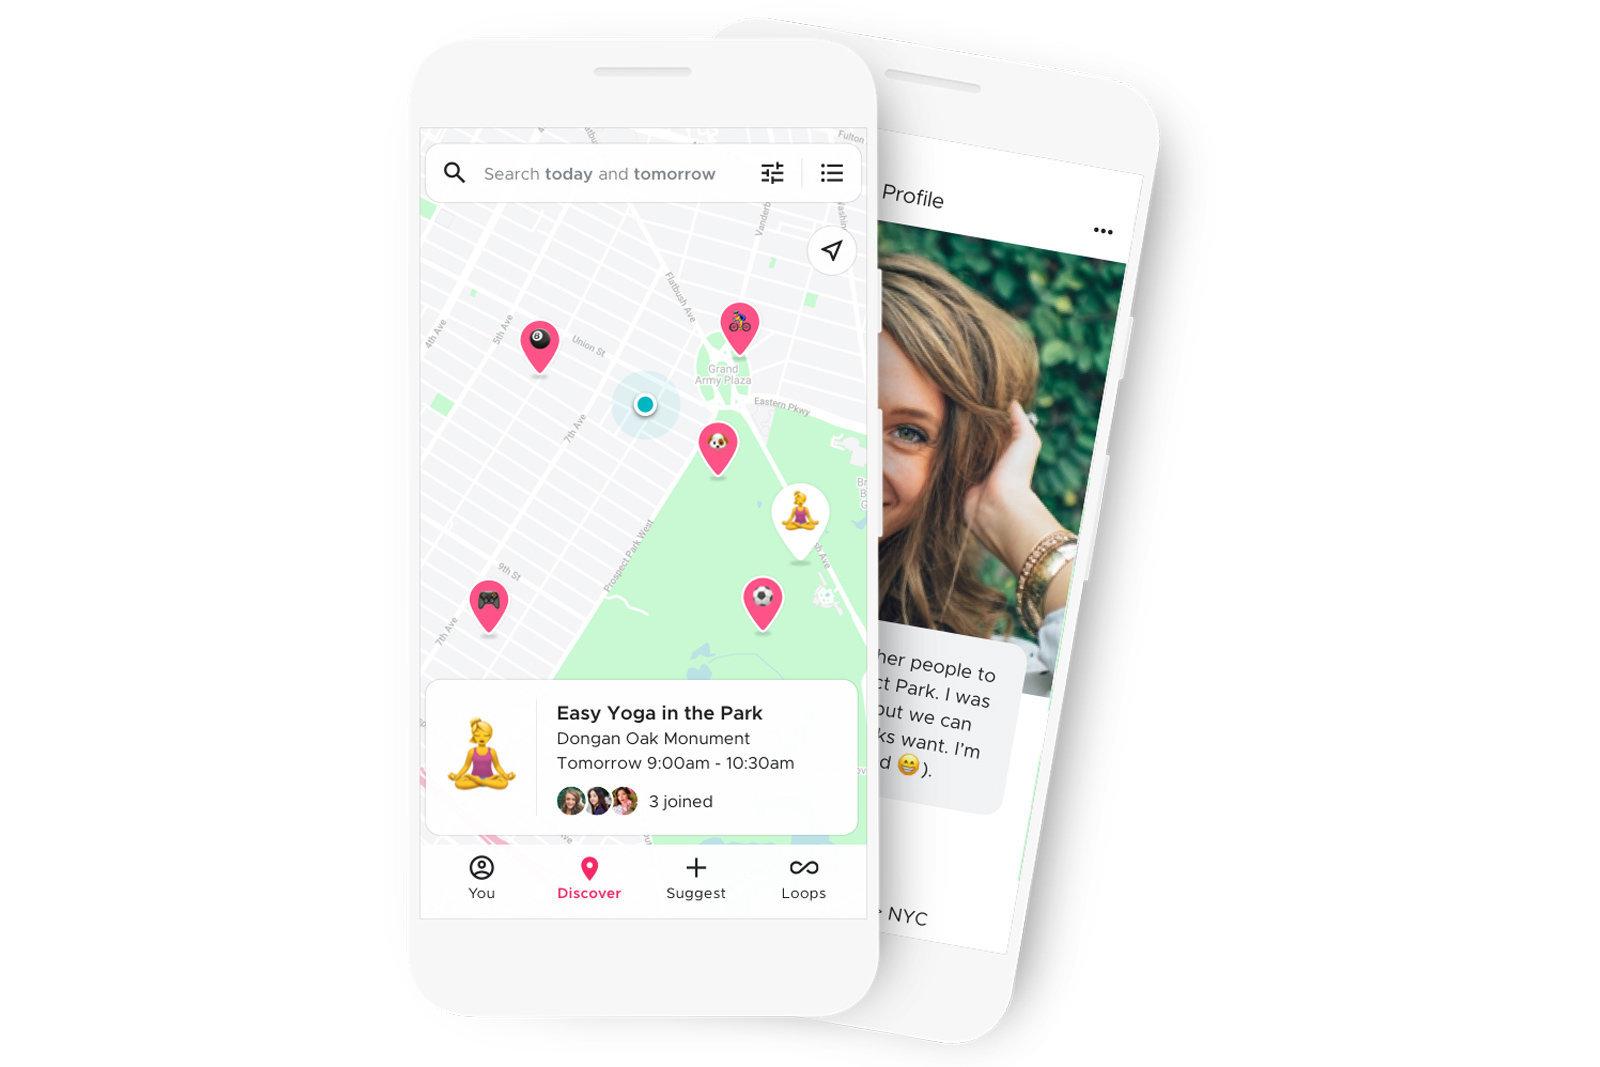 Shoelace: a nova app da Google serve para juntar pessoas com gostos semelhantes